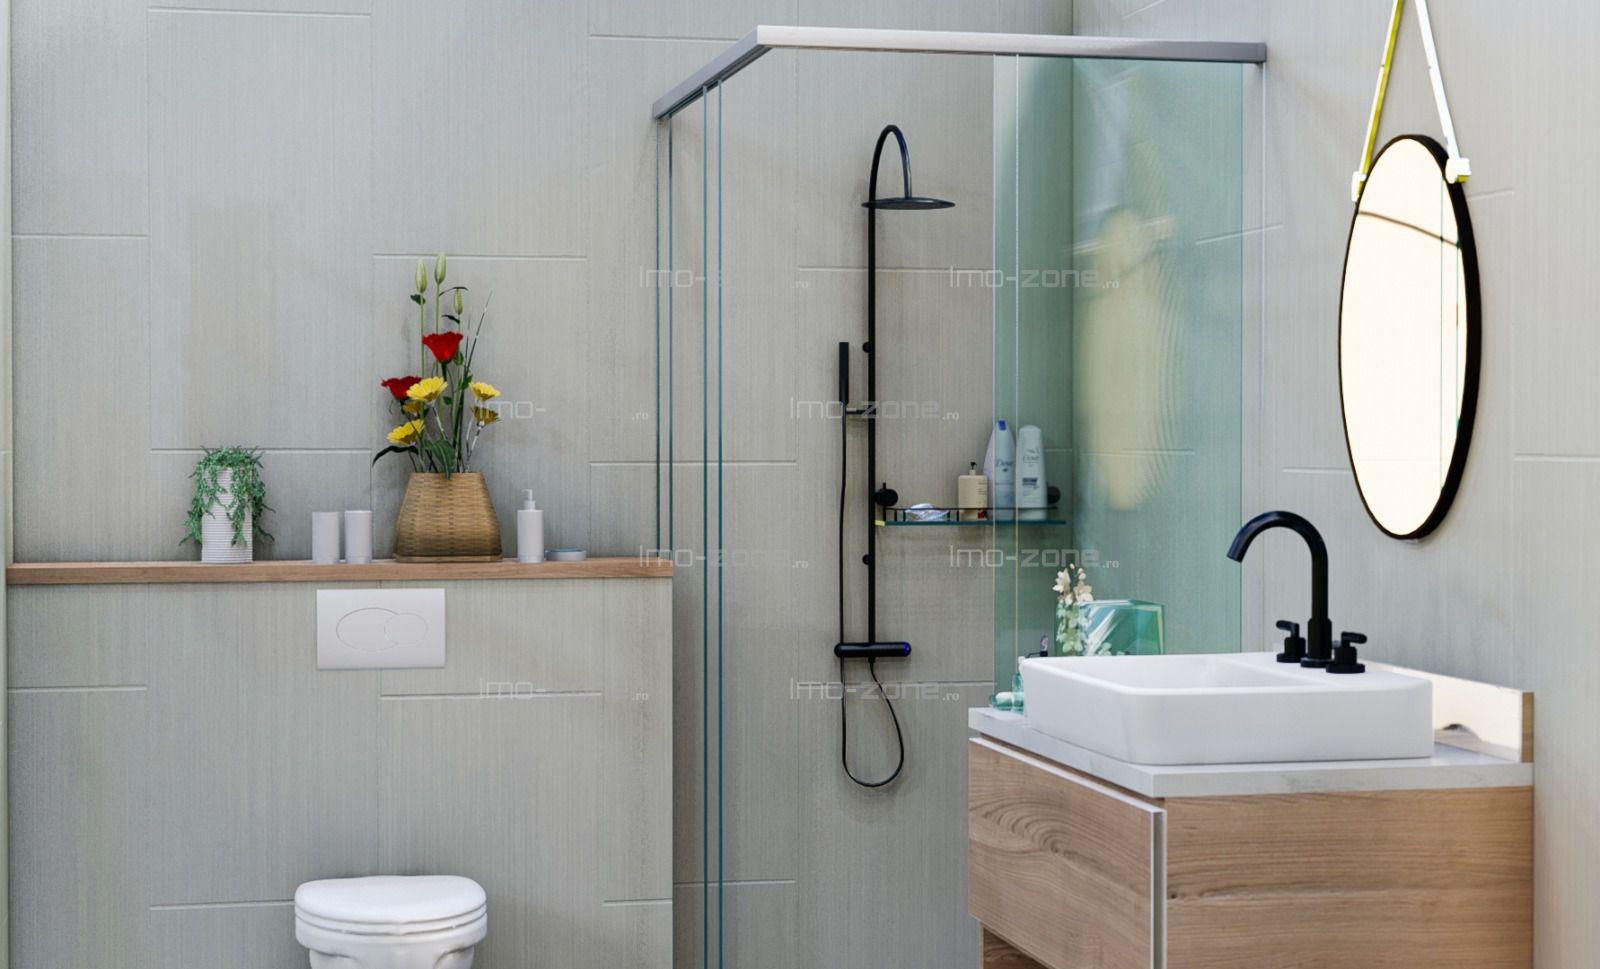 2 camere, decomandat, etaj 4, bucatarie inchisa, baie cu geam, 9 min. metrou